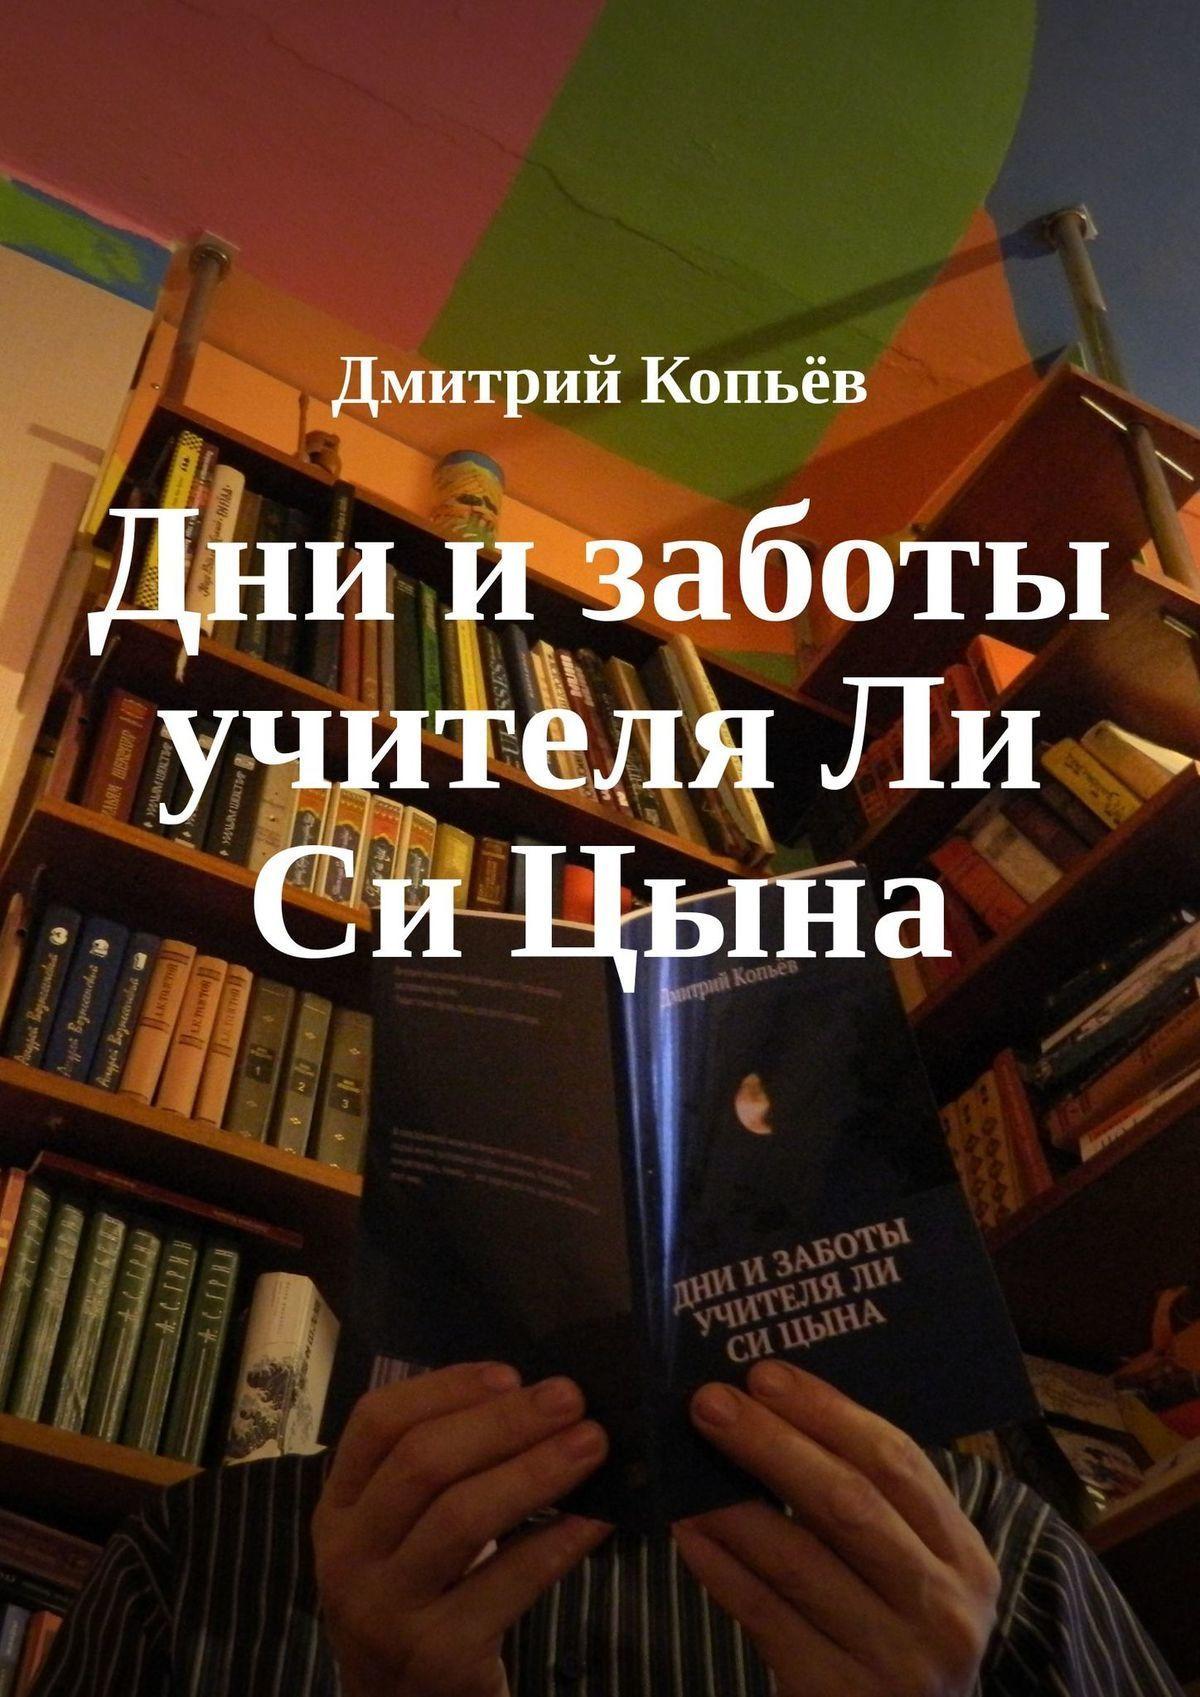 Дмитрий Копьёв - Дни изаботы учителяЛи СиЦына